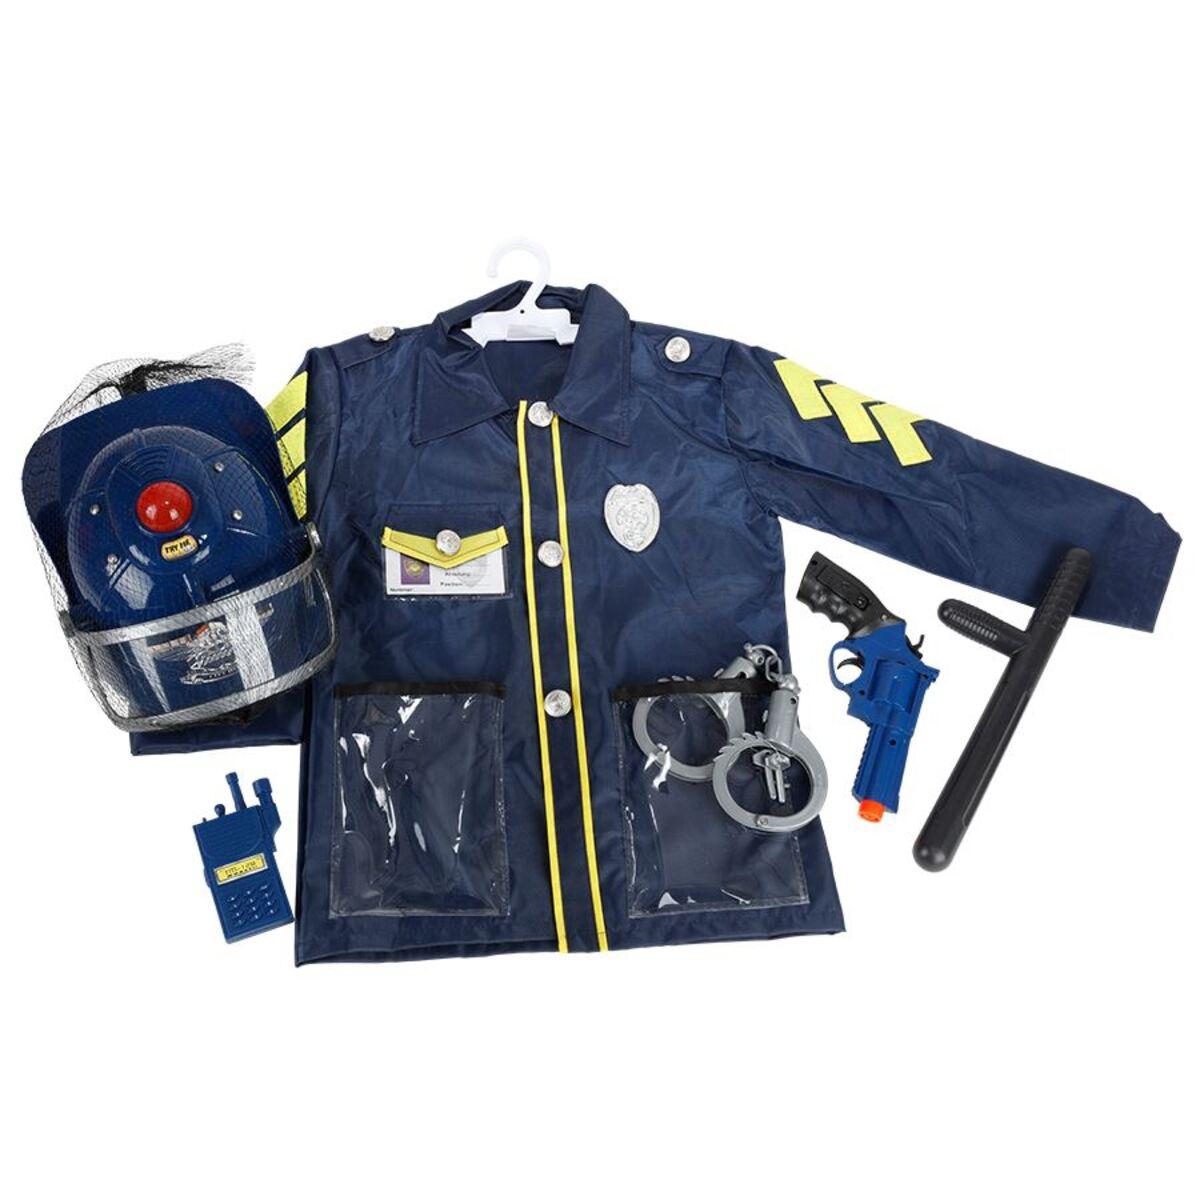 Bild 3 von Kinderkostüm Polizei mit Sound-Helm und Zubehör